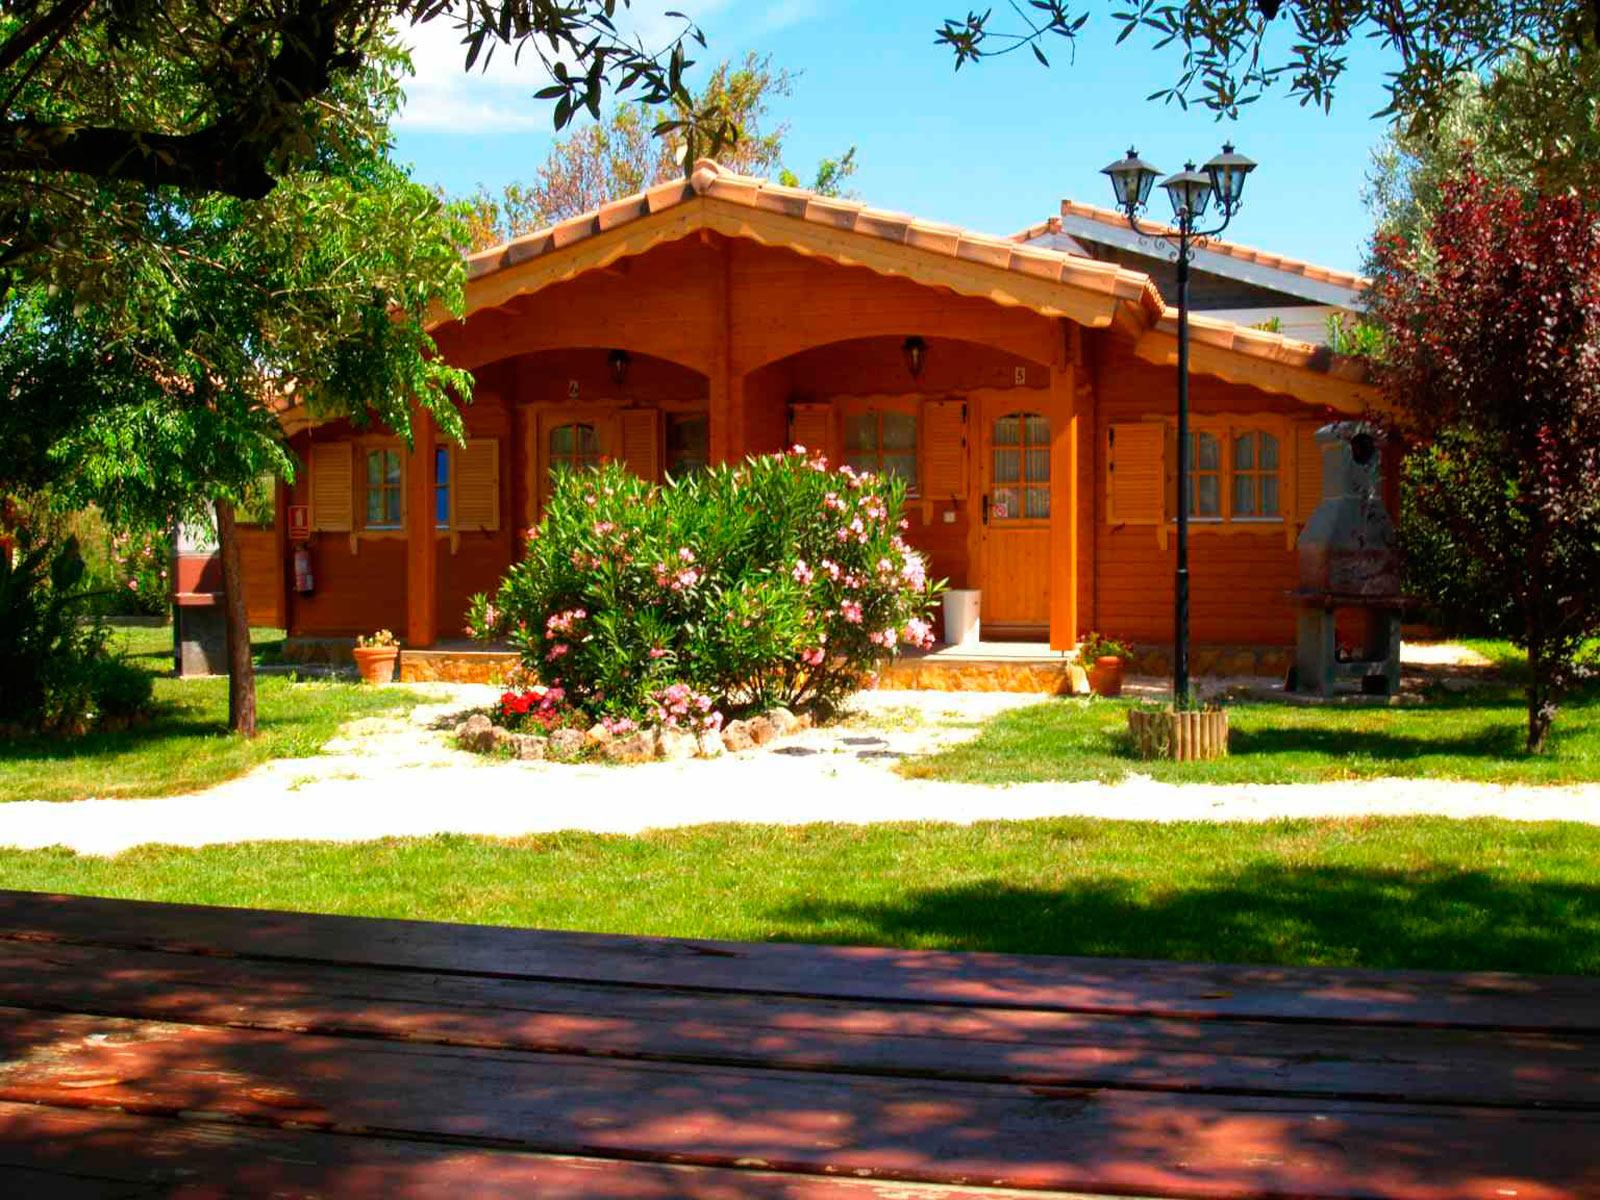 Casas rurales de madera en valencia con jacuzzi y spa - La casa de madera valencia ...